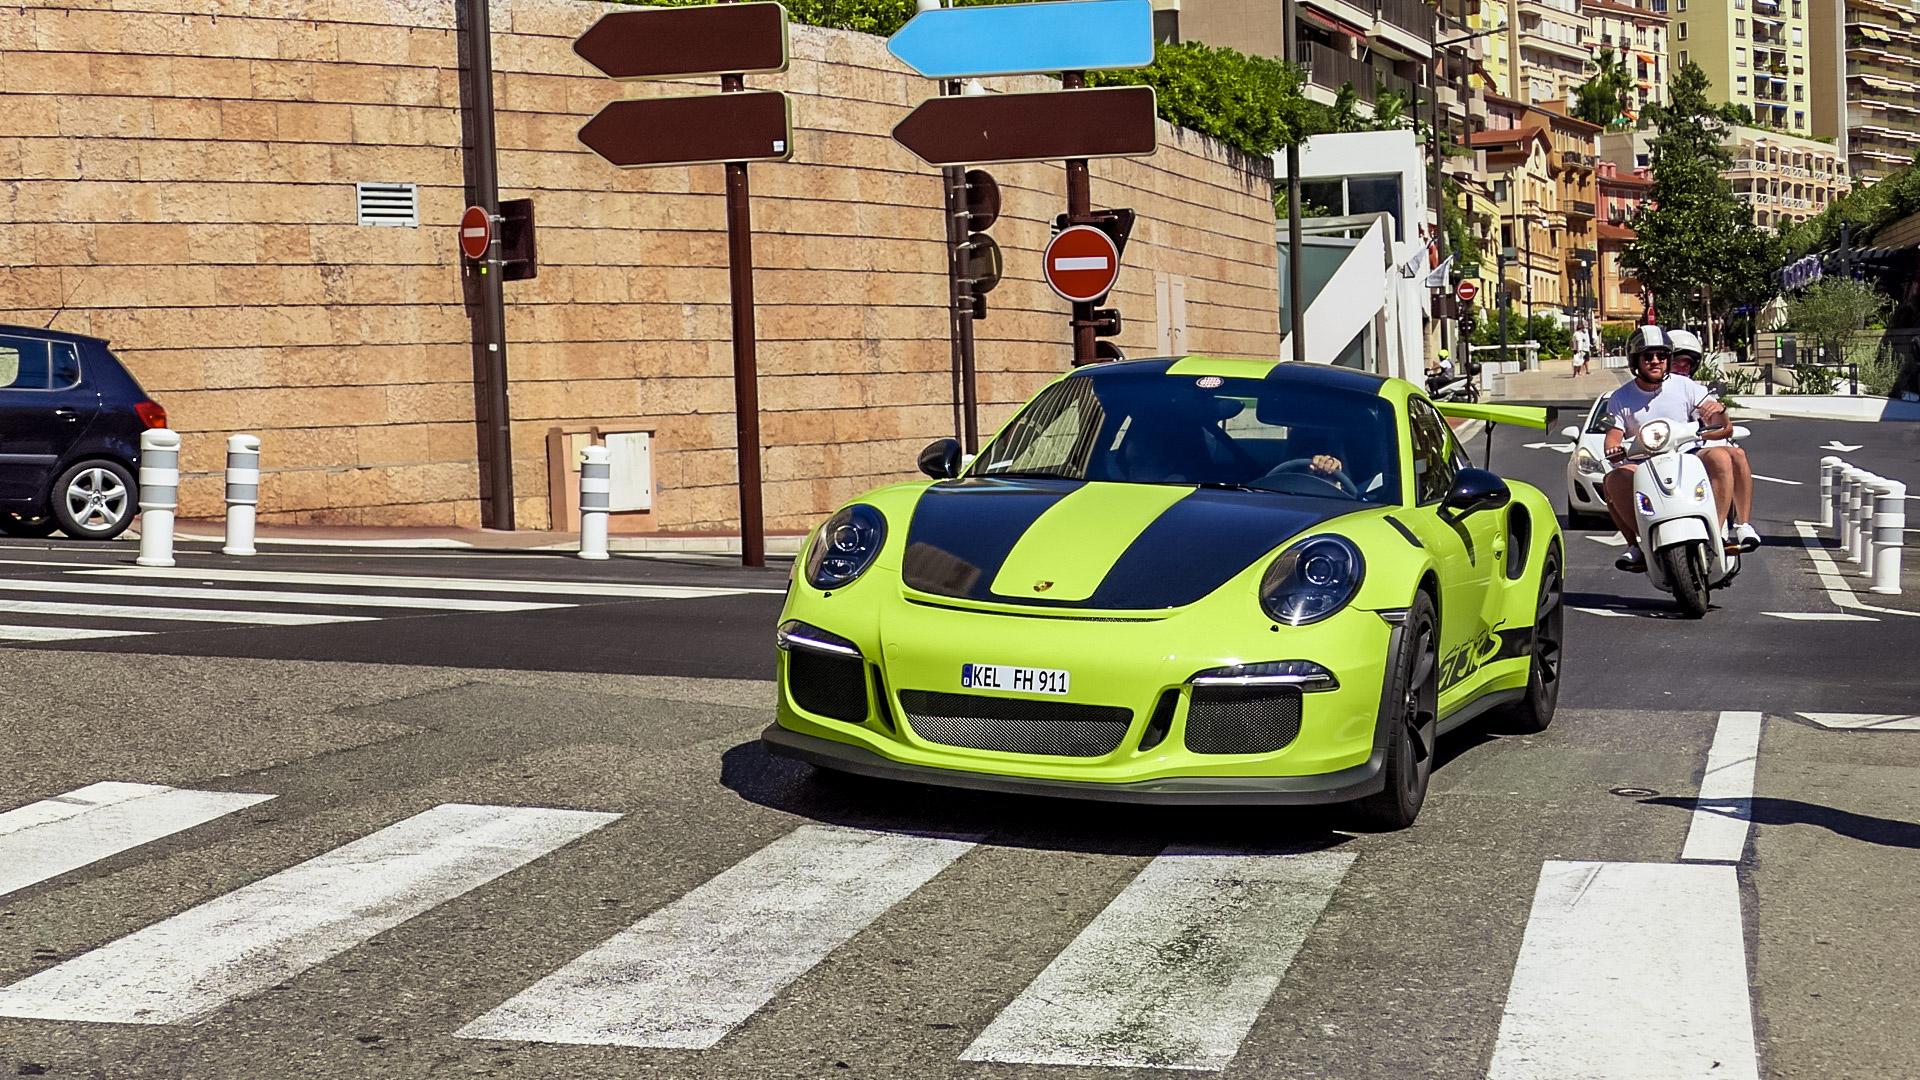 Porsche 911 GT3 RS - KEL-FH-911